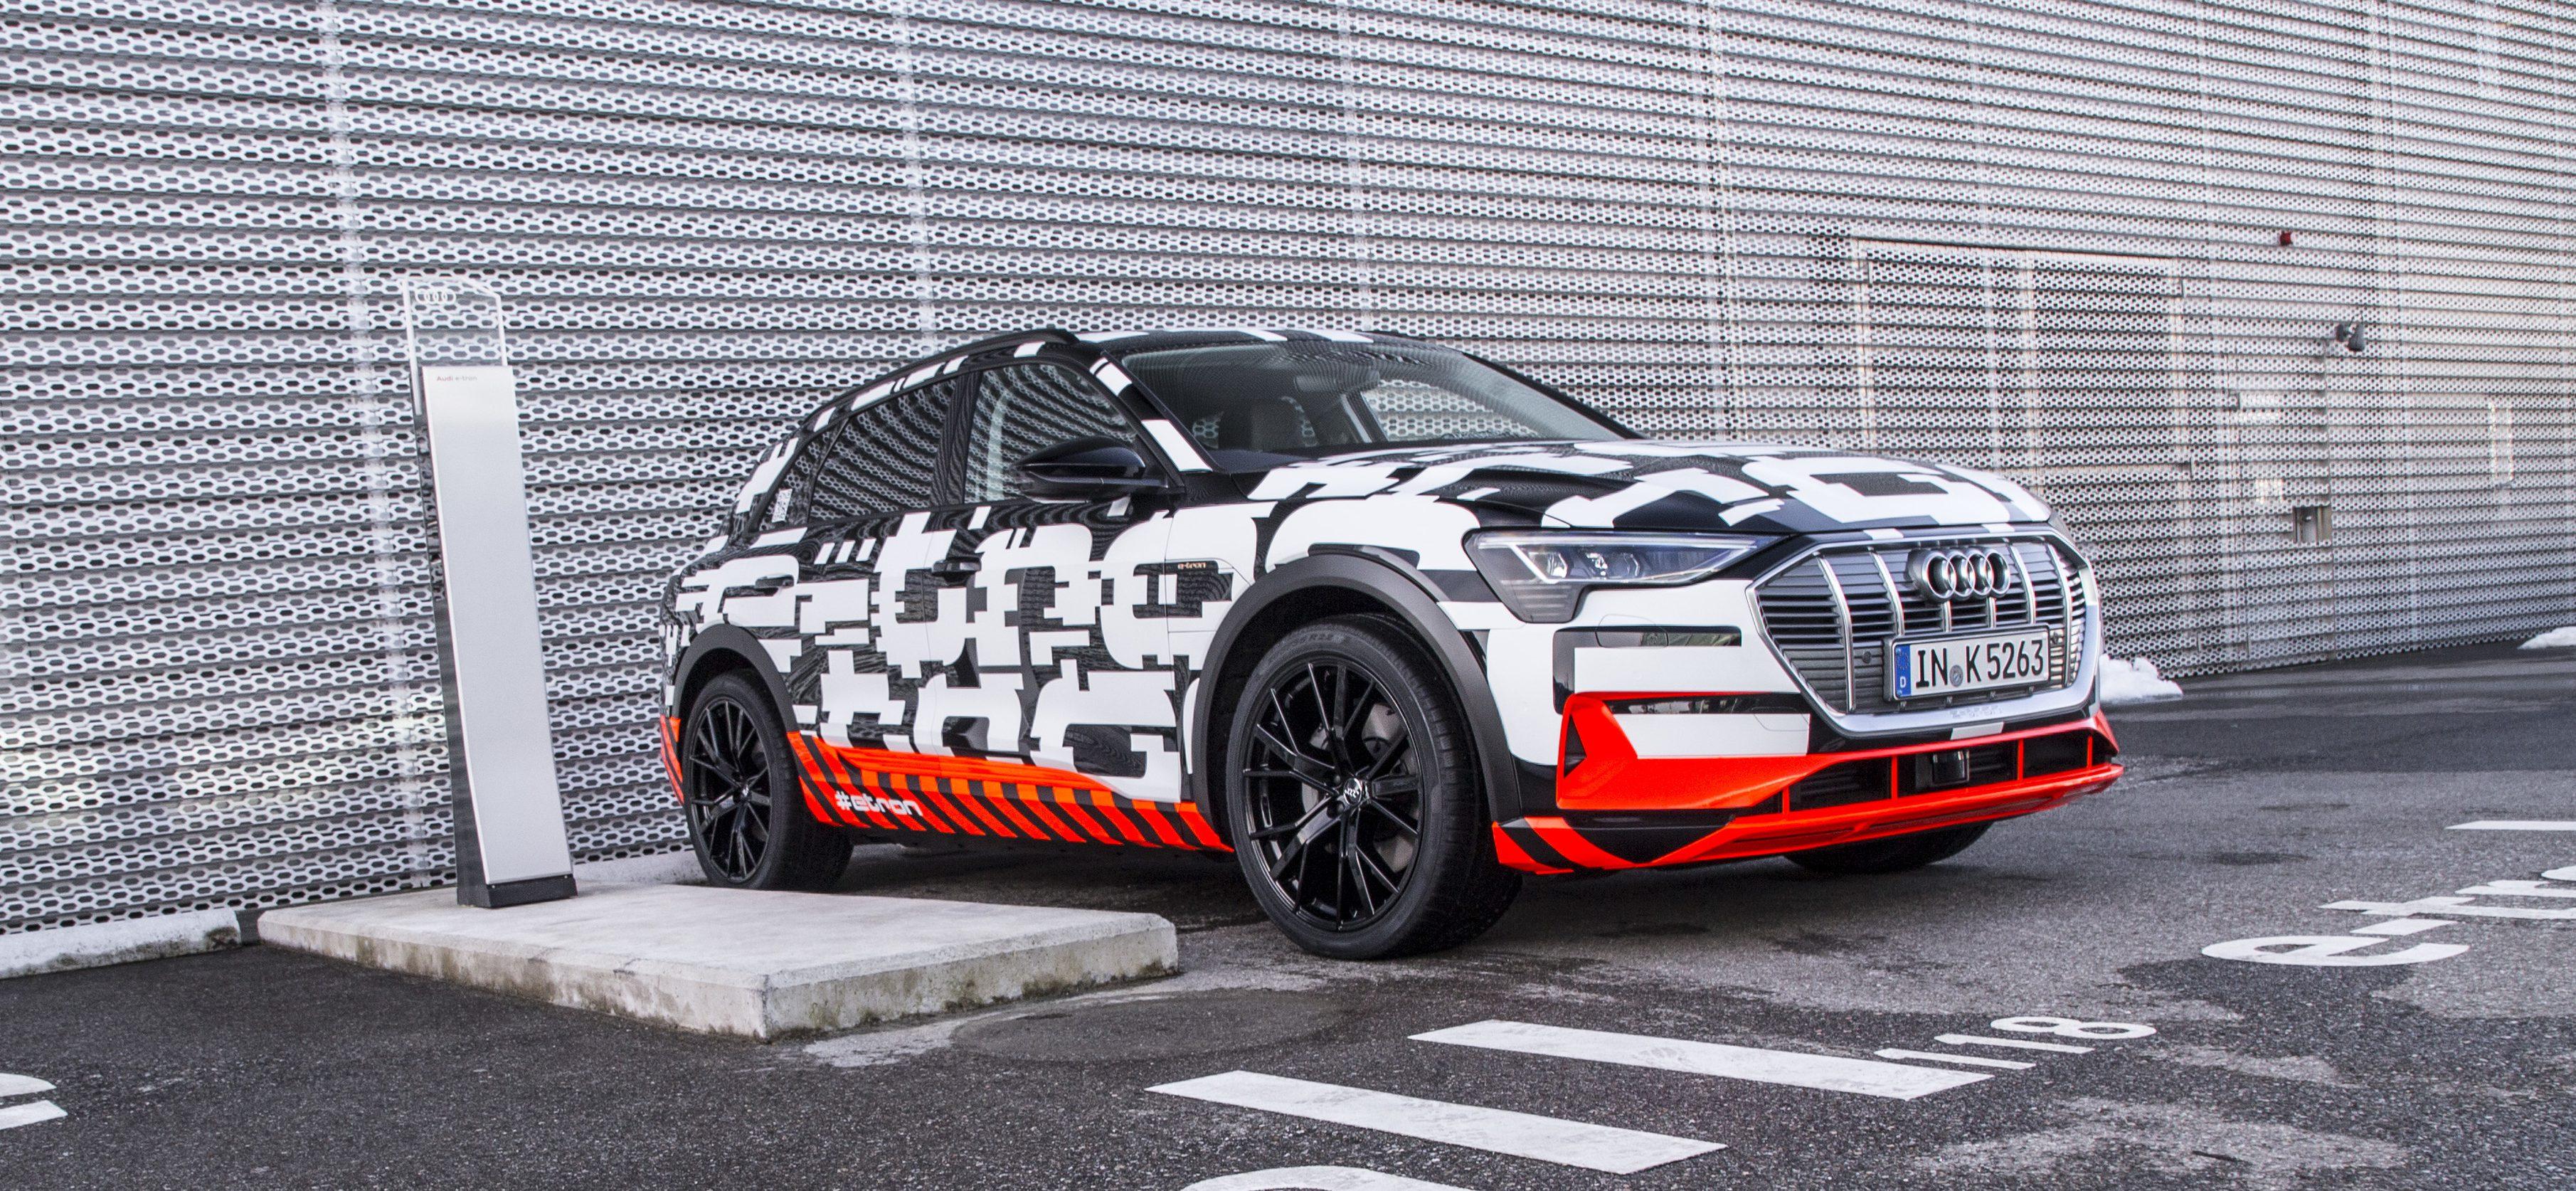 Audi Etron Quattro >> Closer Look At Audi S All Electric E Tron Quattro Prototype Electrek